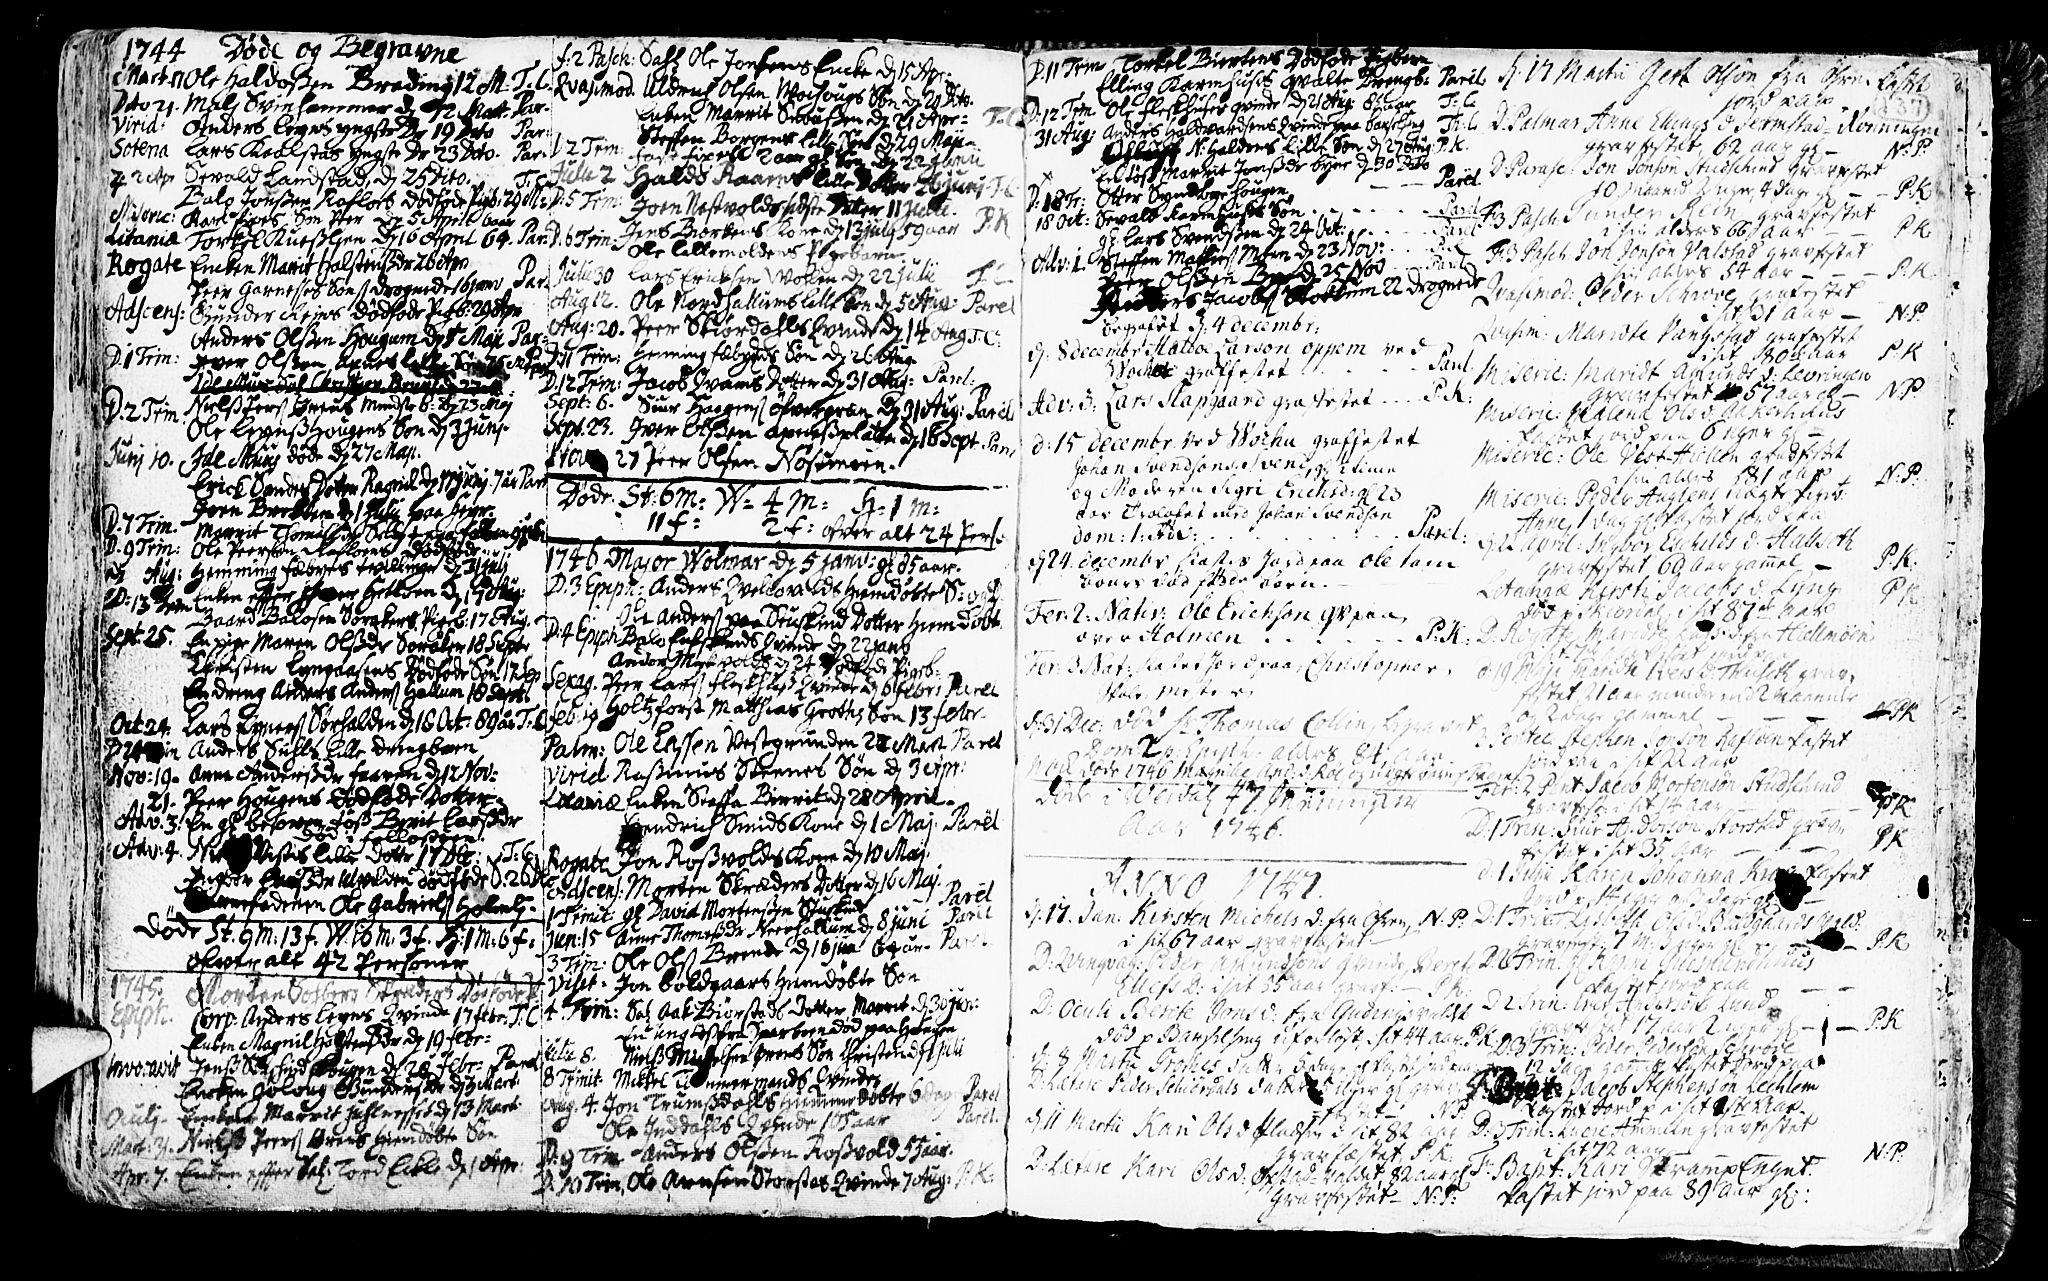 SAT, Ministerialprotokoller, klokkerbøker og fødselsregistre - Nord-Trøndelag, 723/L0230: Ministerialbok nr. 723A01, 1705-1747, s. 137